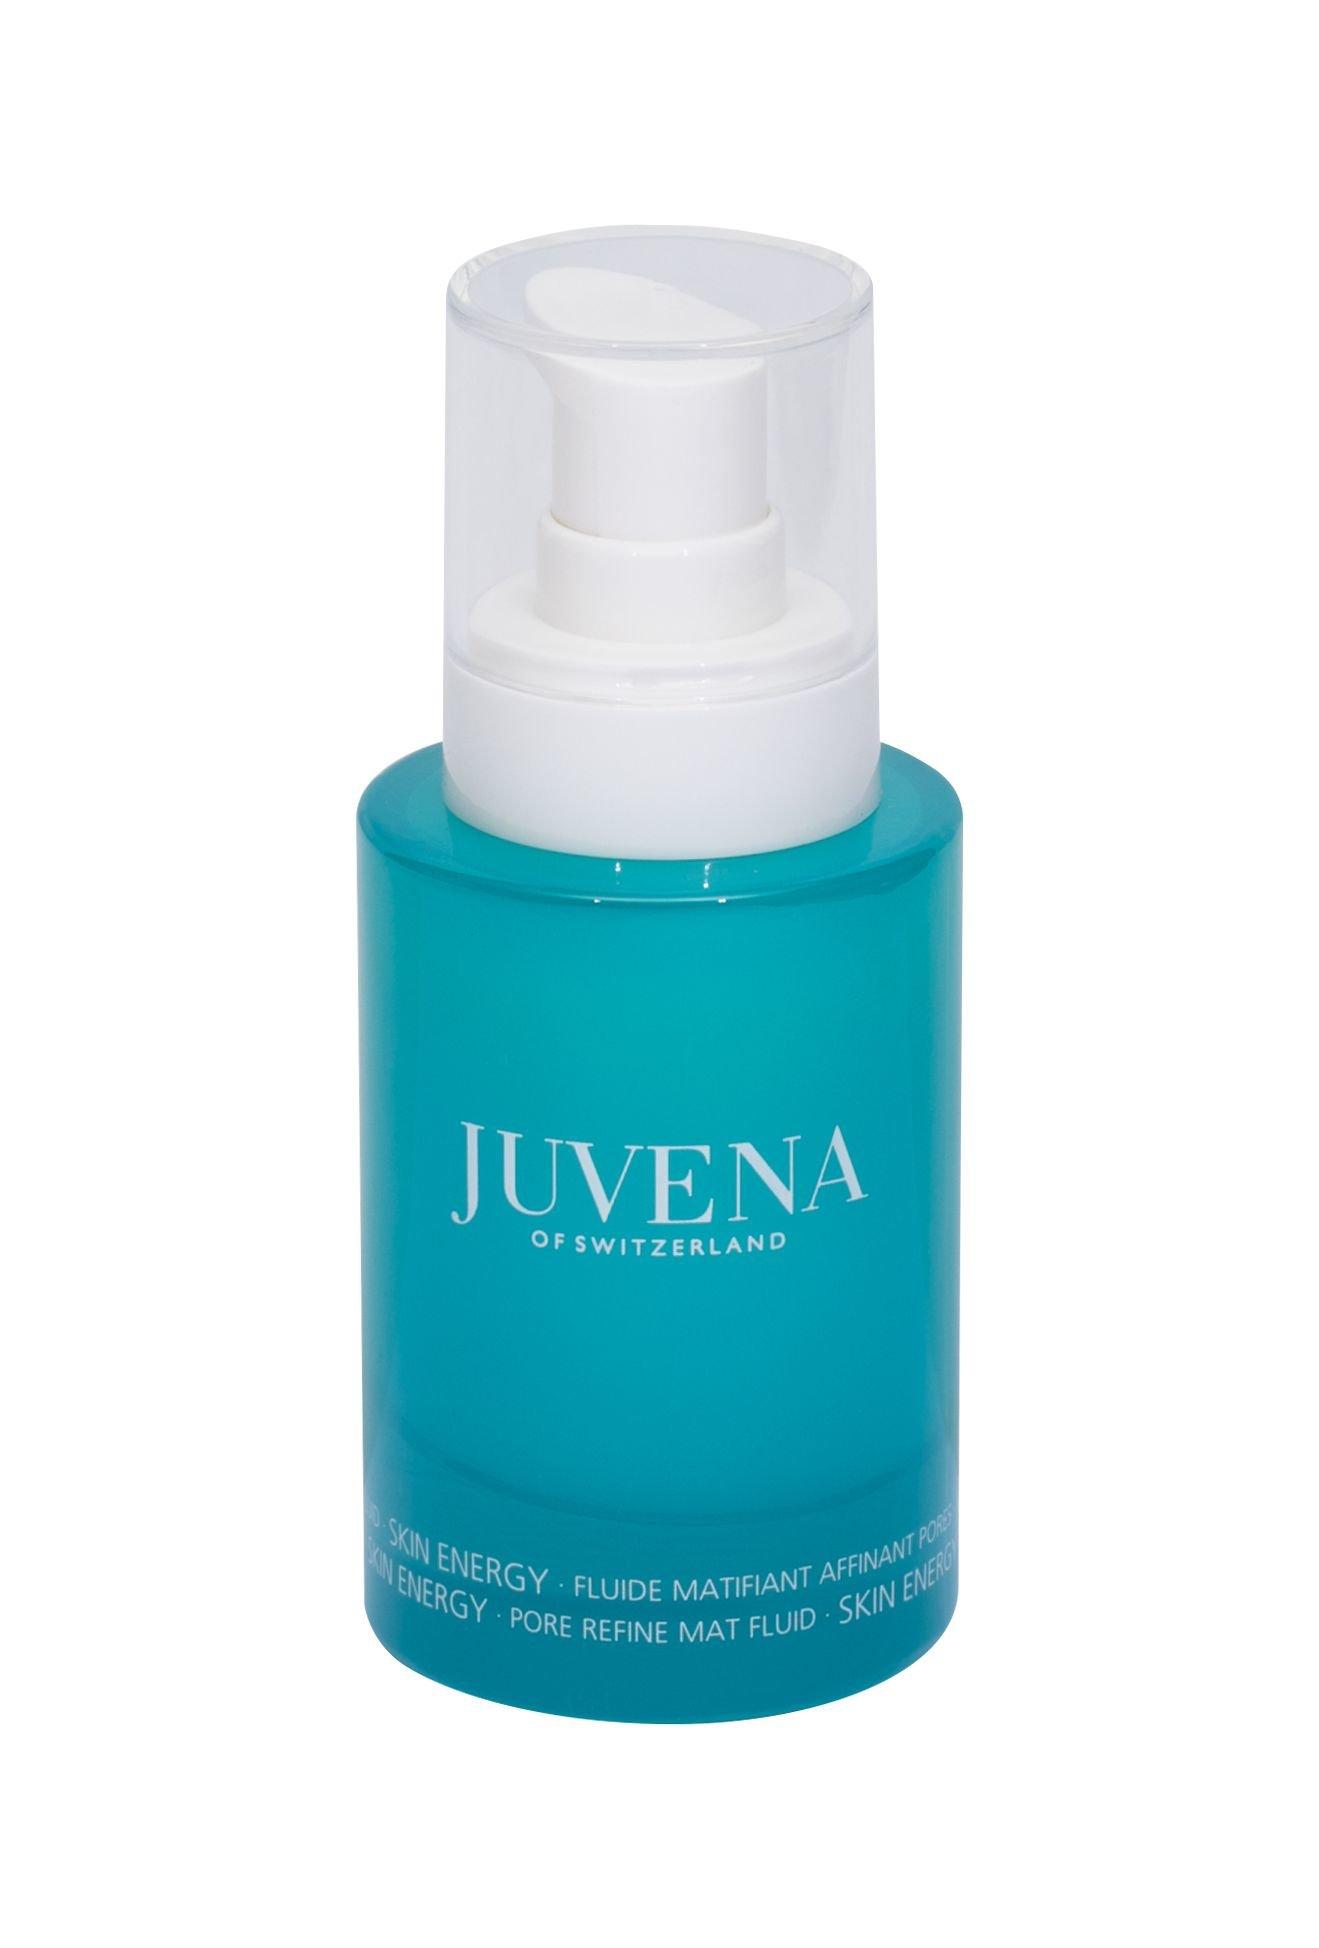 Juvena Skin Energy Skin Serum 50ml